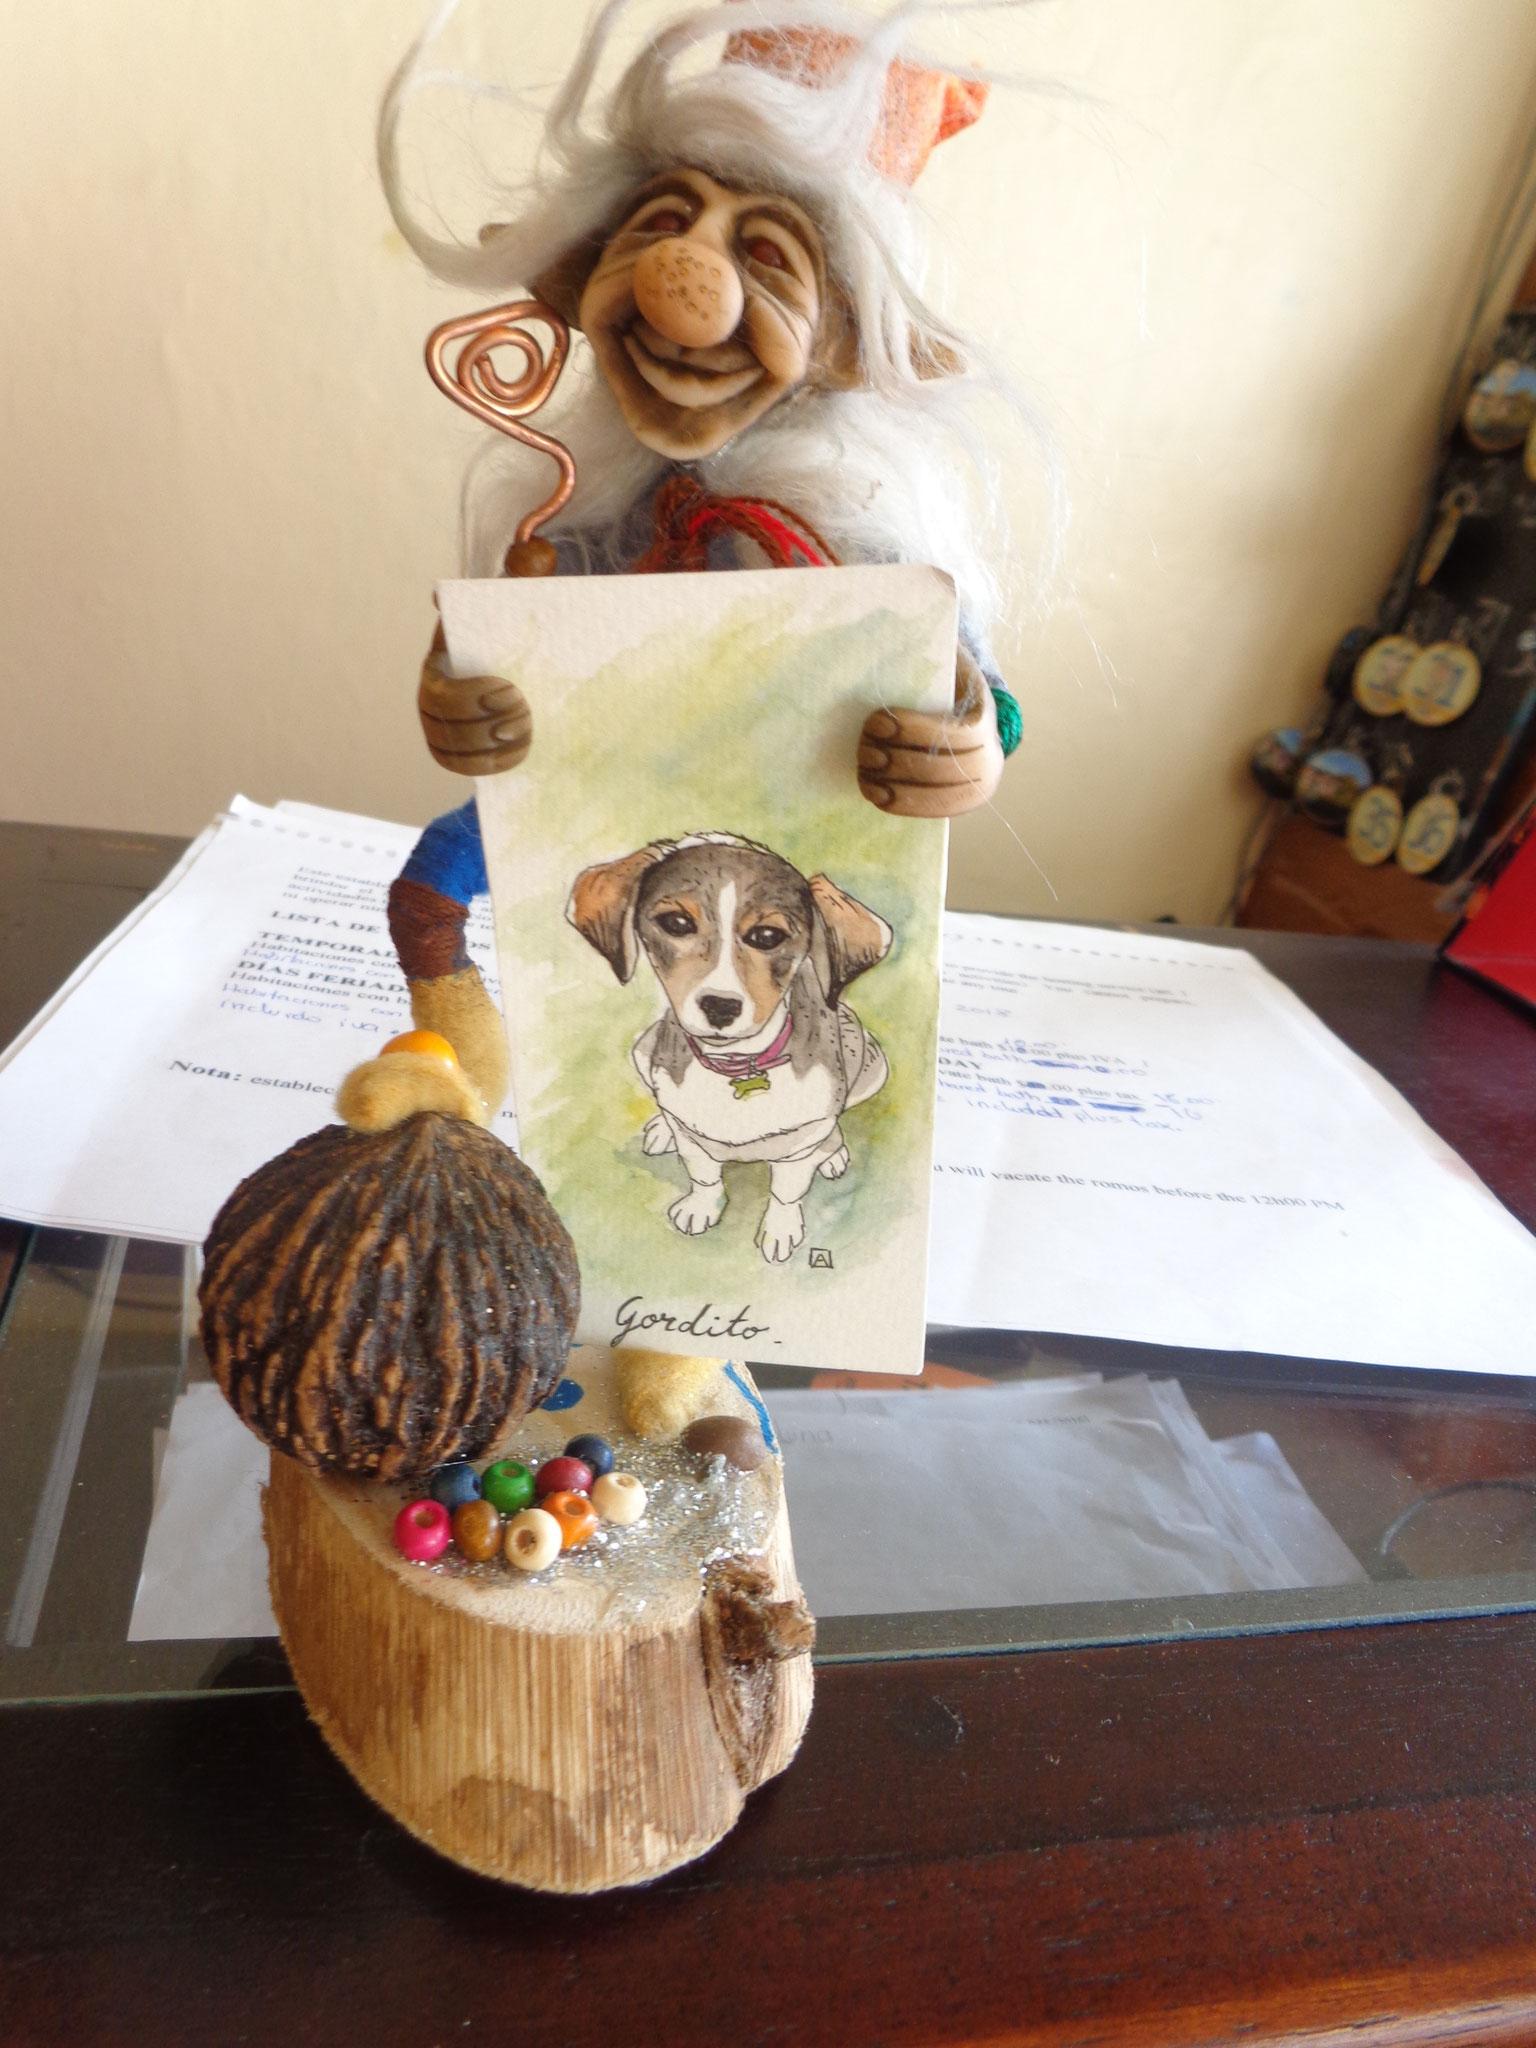 Un dessin de leur chien Gordo pour les remercier